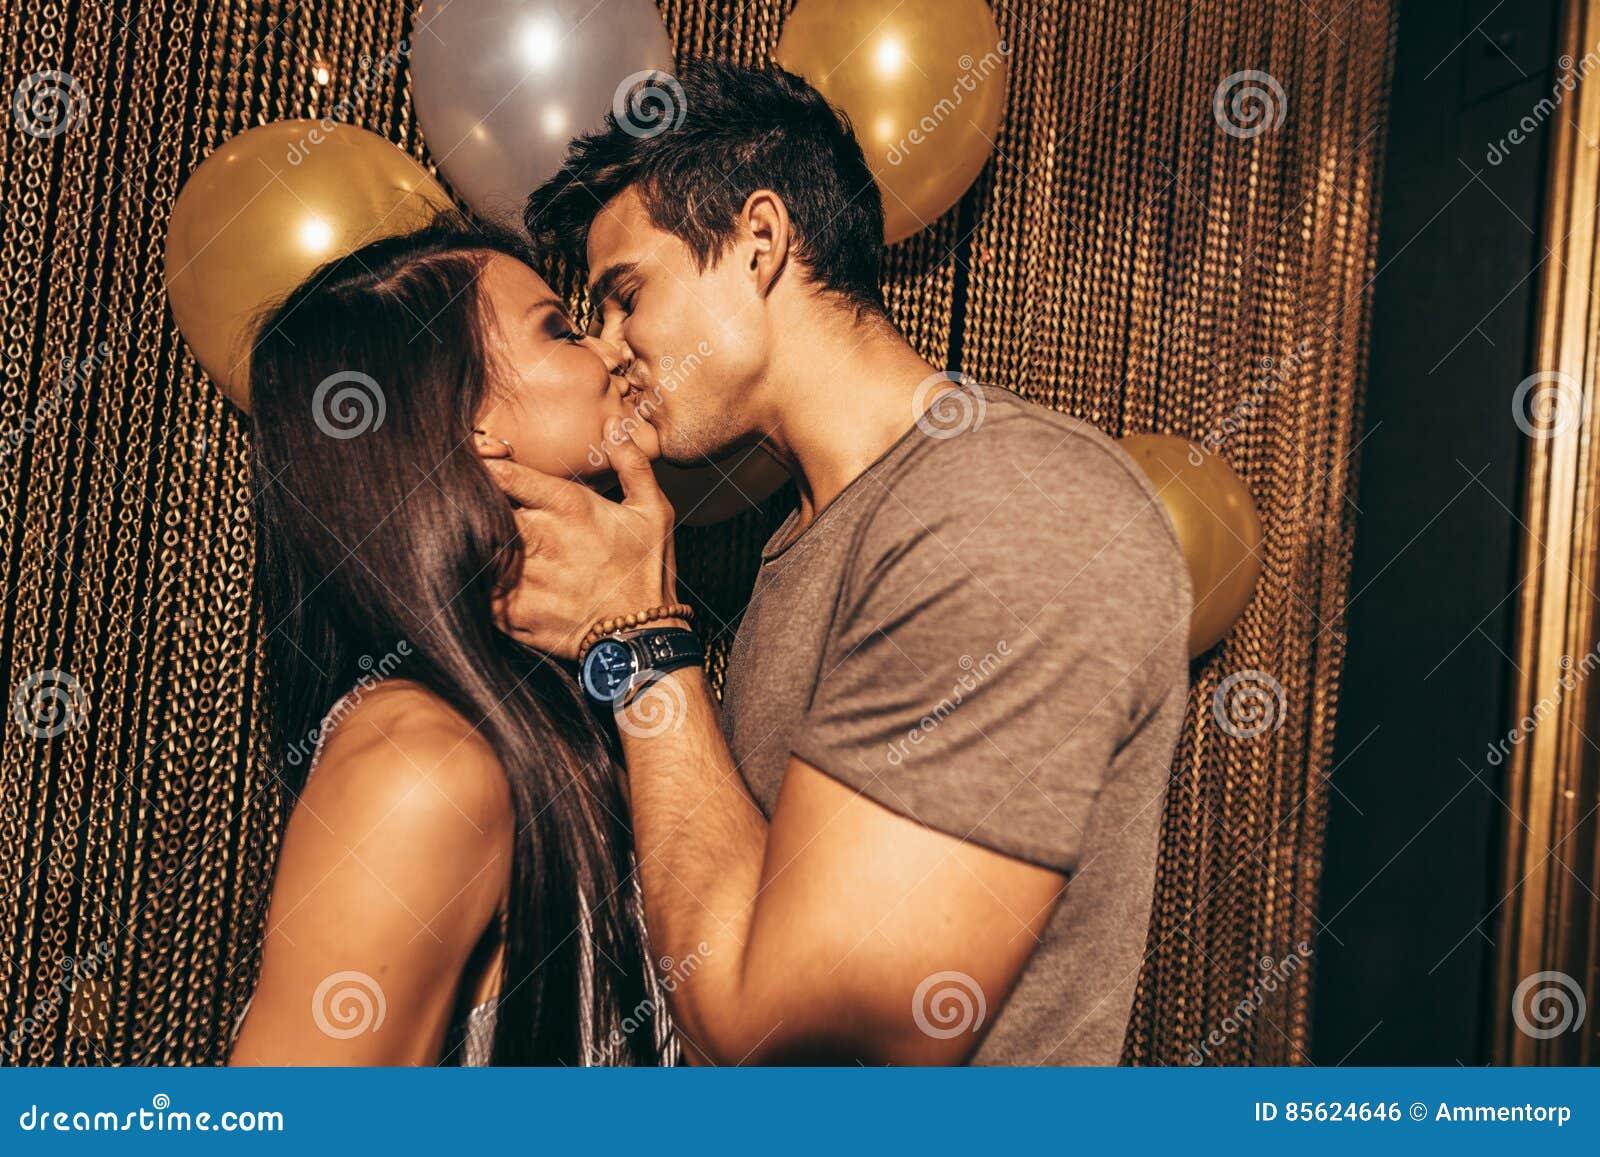 Pics of boy girl naked kiss